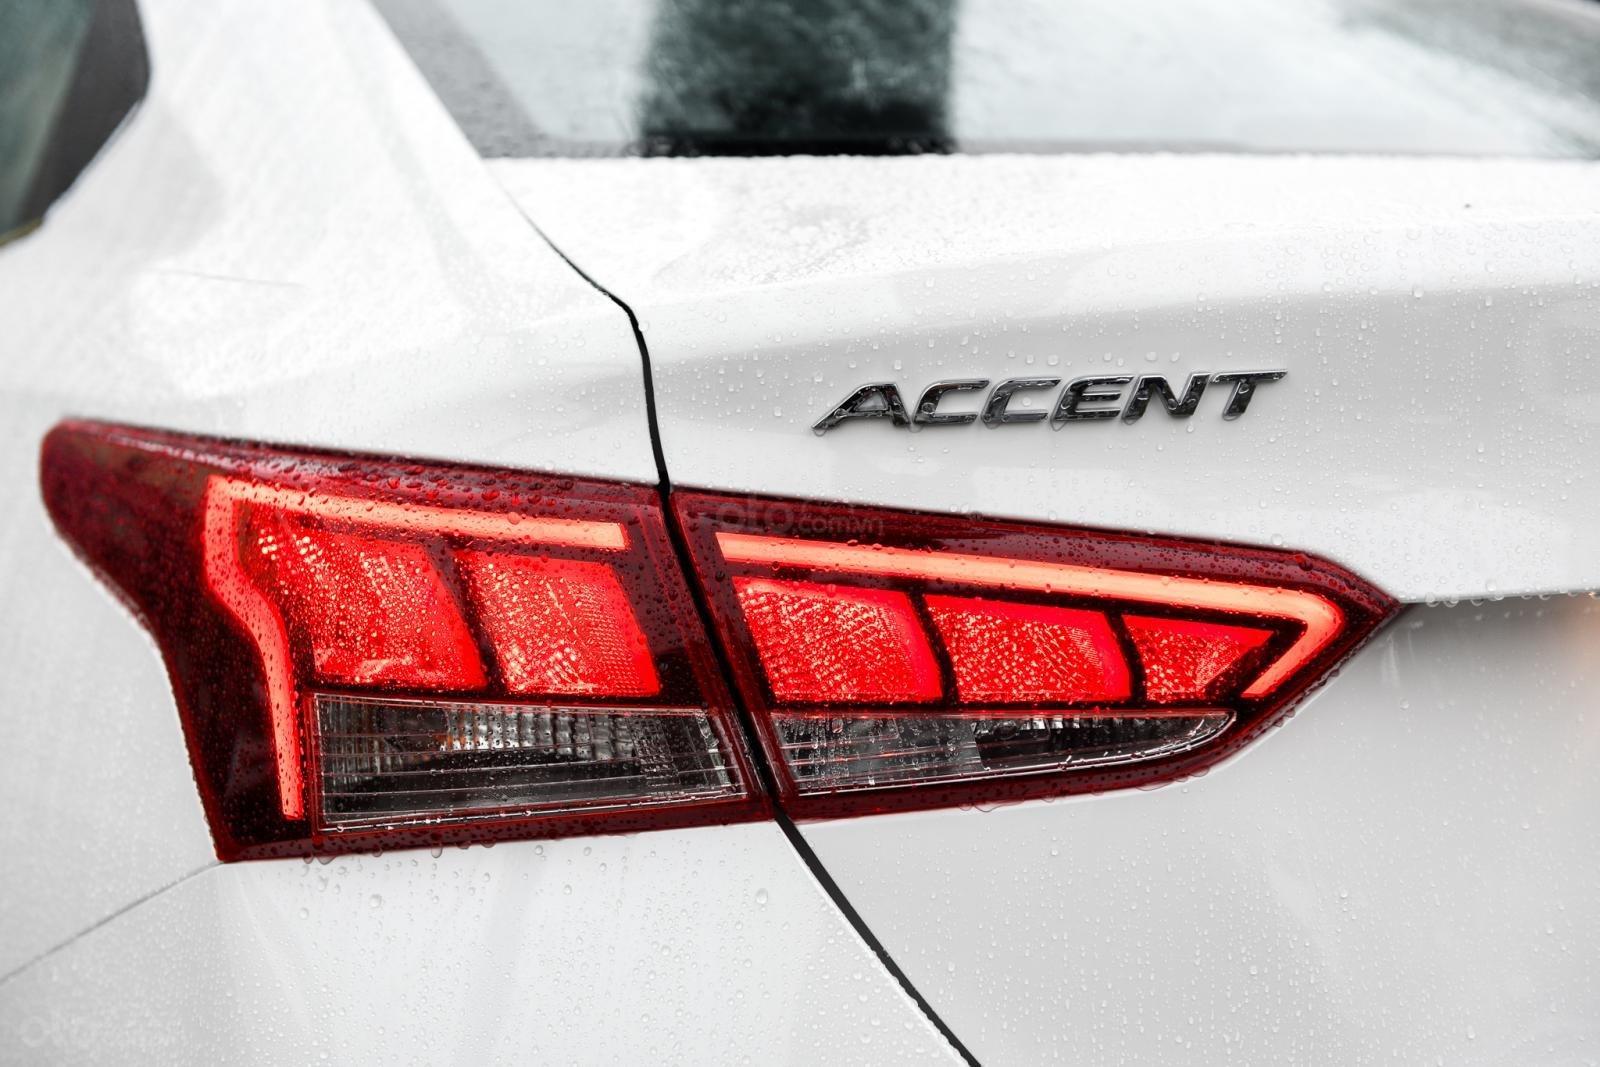 Hyundai Accent 1.4 AT đặc biệt 2021, giá tốt nhất miền Bắc, tặng gói phụ kiện chính hãng, hỗ trợ trả góp 85% (5)